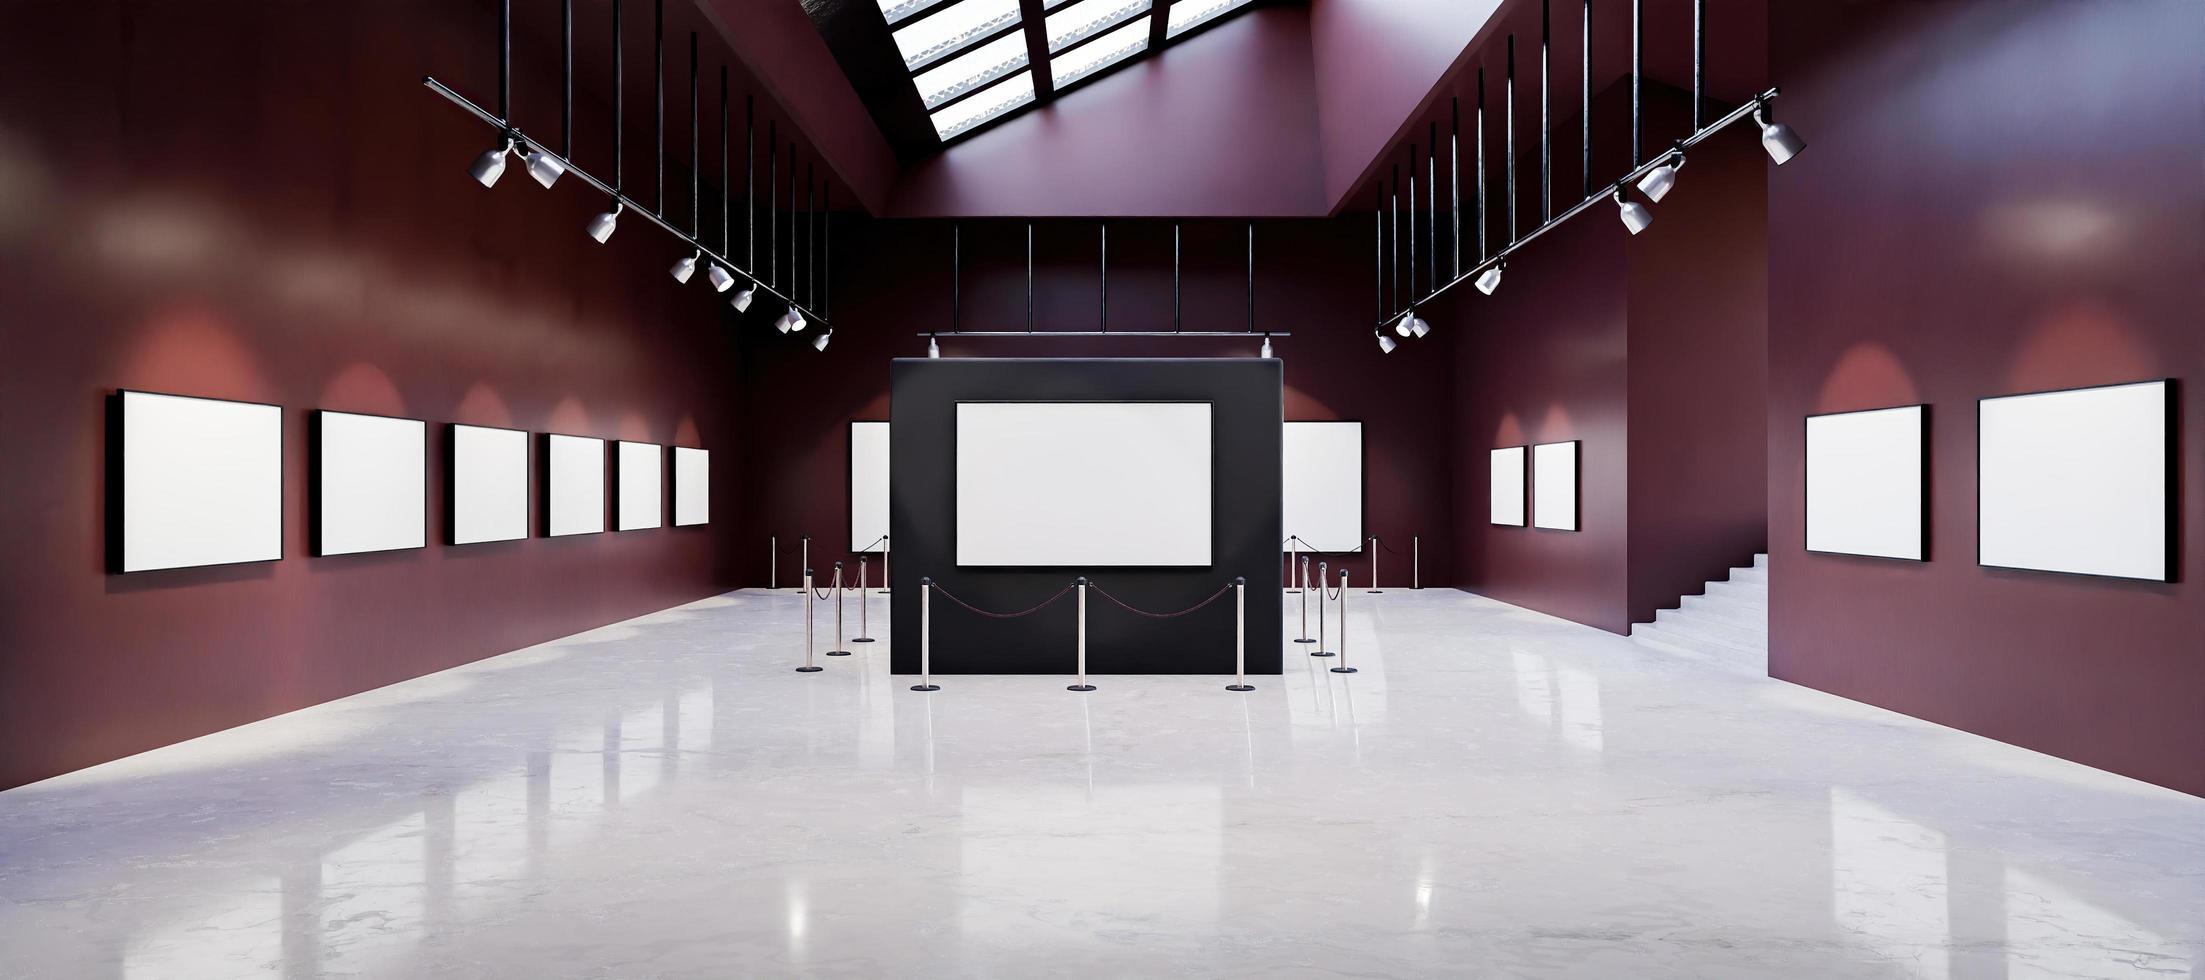 mockup av konstgallerimuseet fullt av vita målningar foto